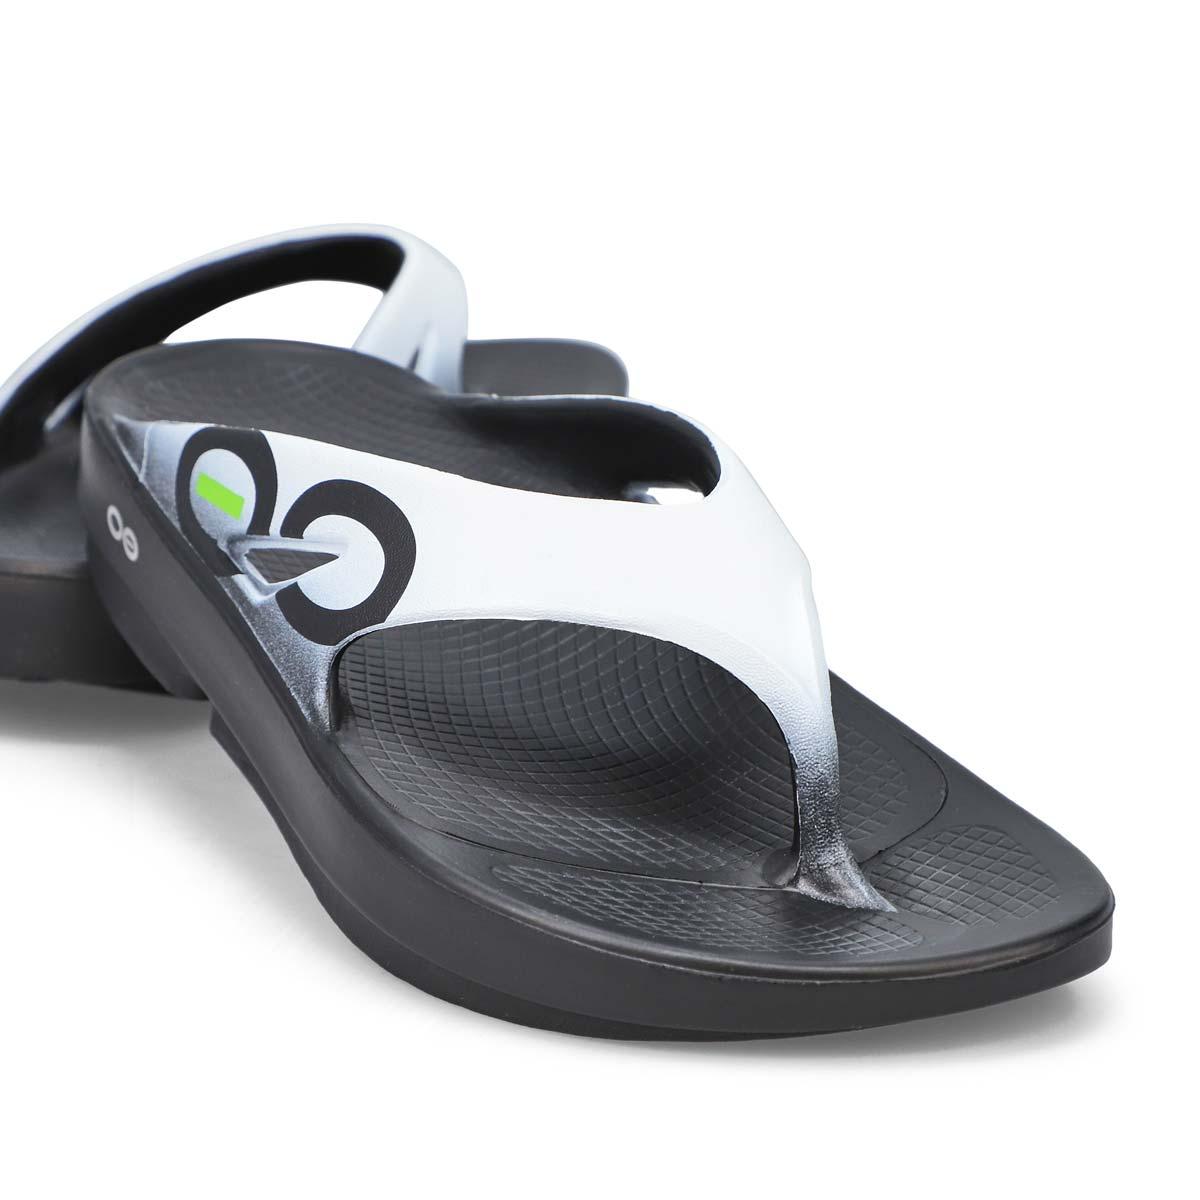 Men's Ooriginal Sport Sandal - Black/White